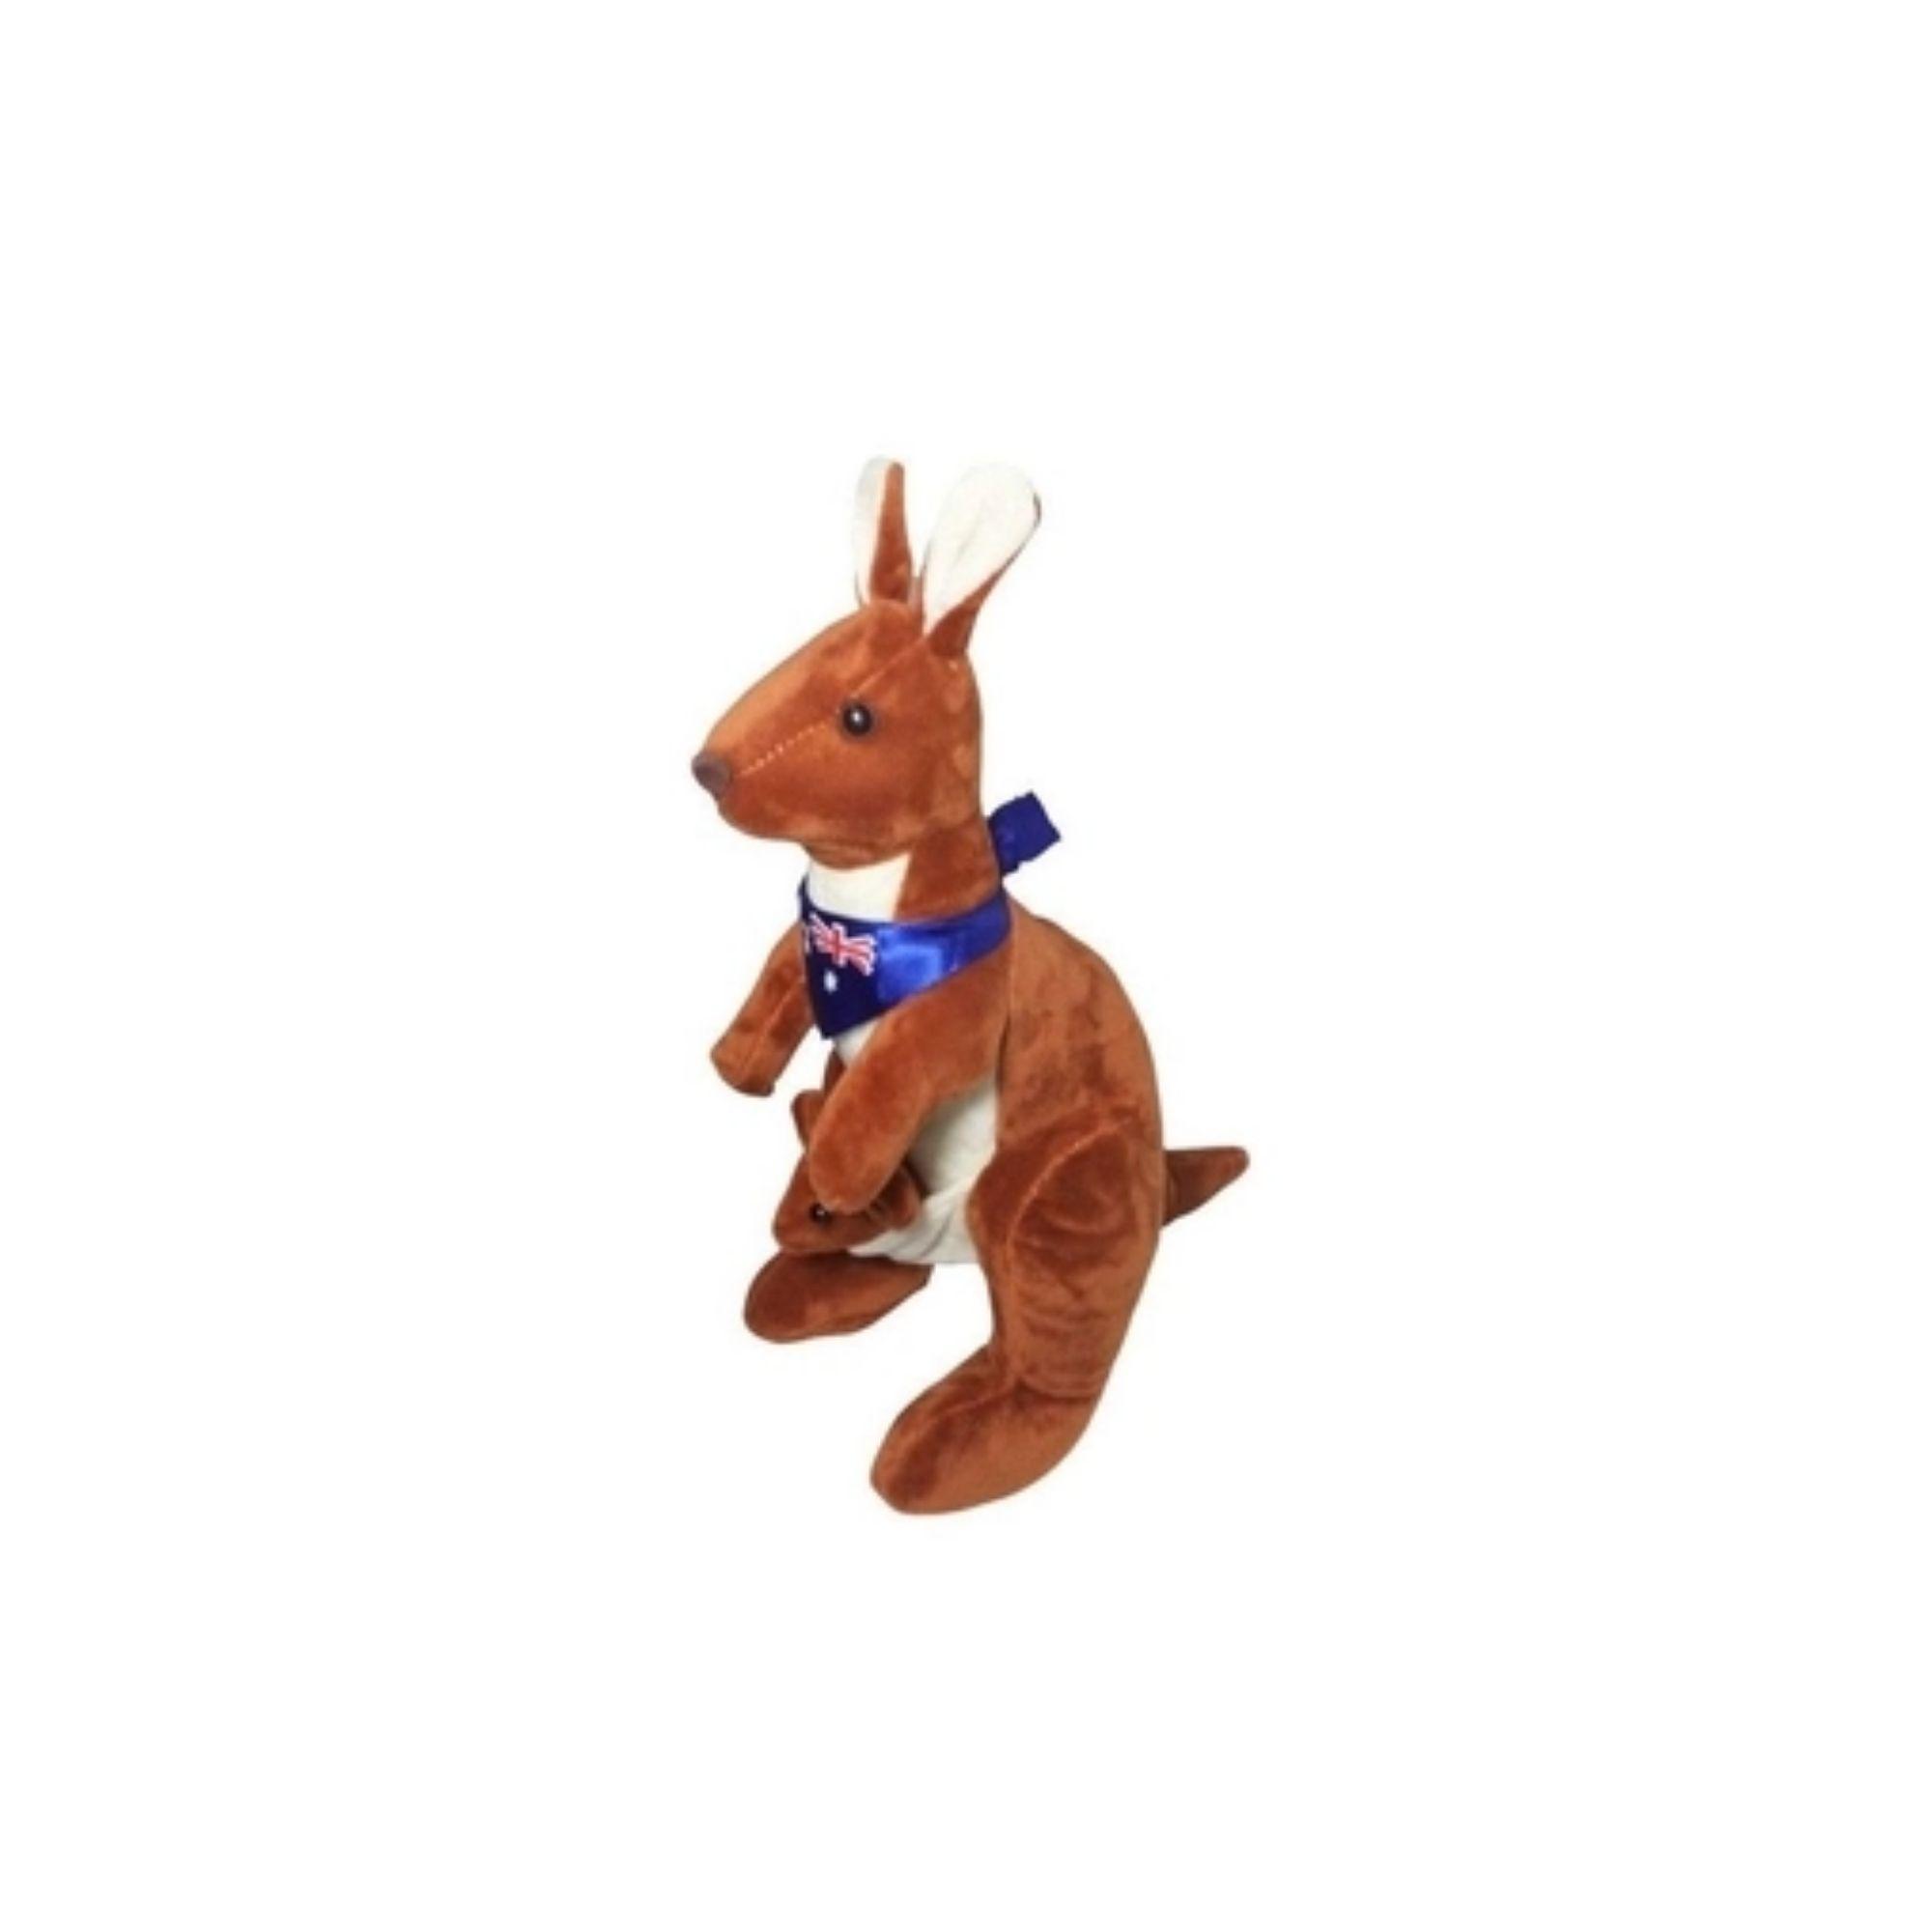 Bicho de Pelucia Canguru com Filhote de bandana   - Game Land Brinquedos